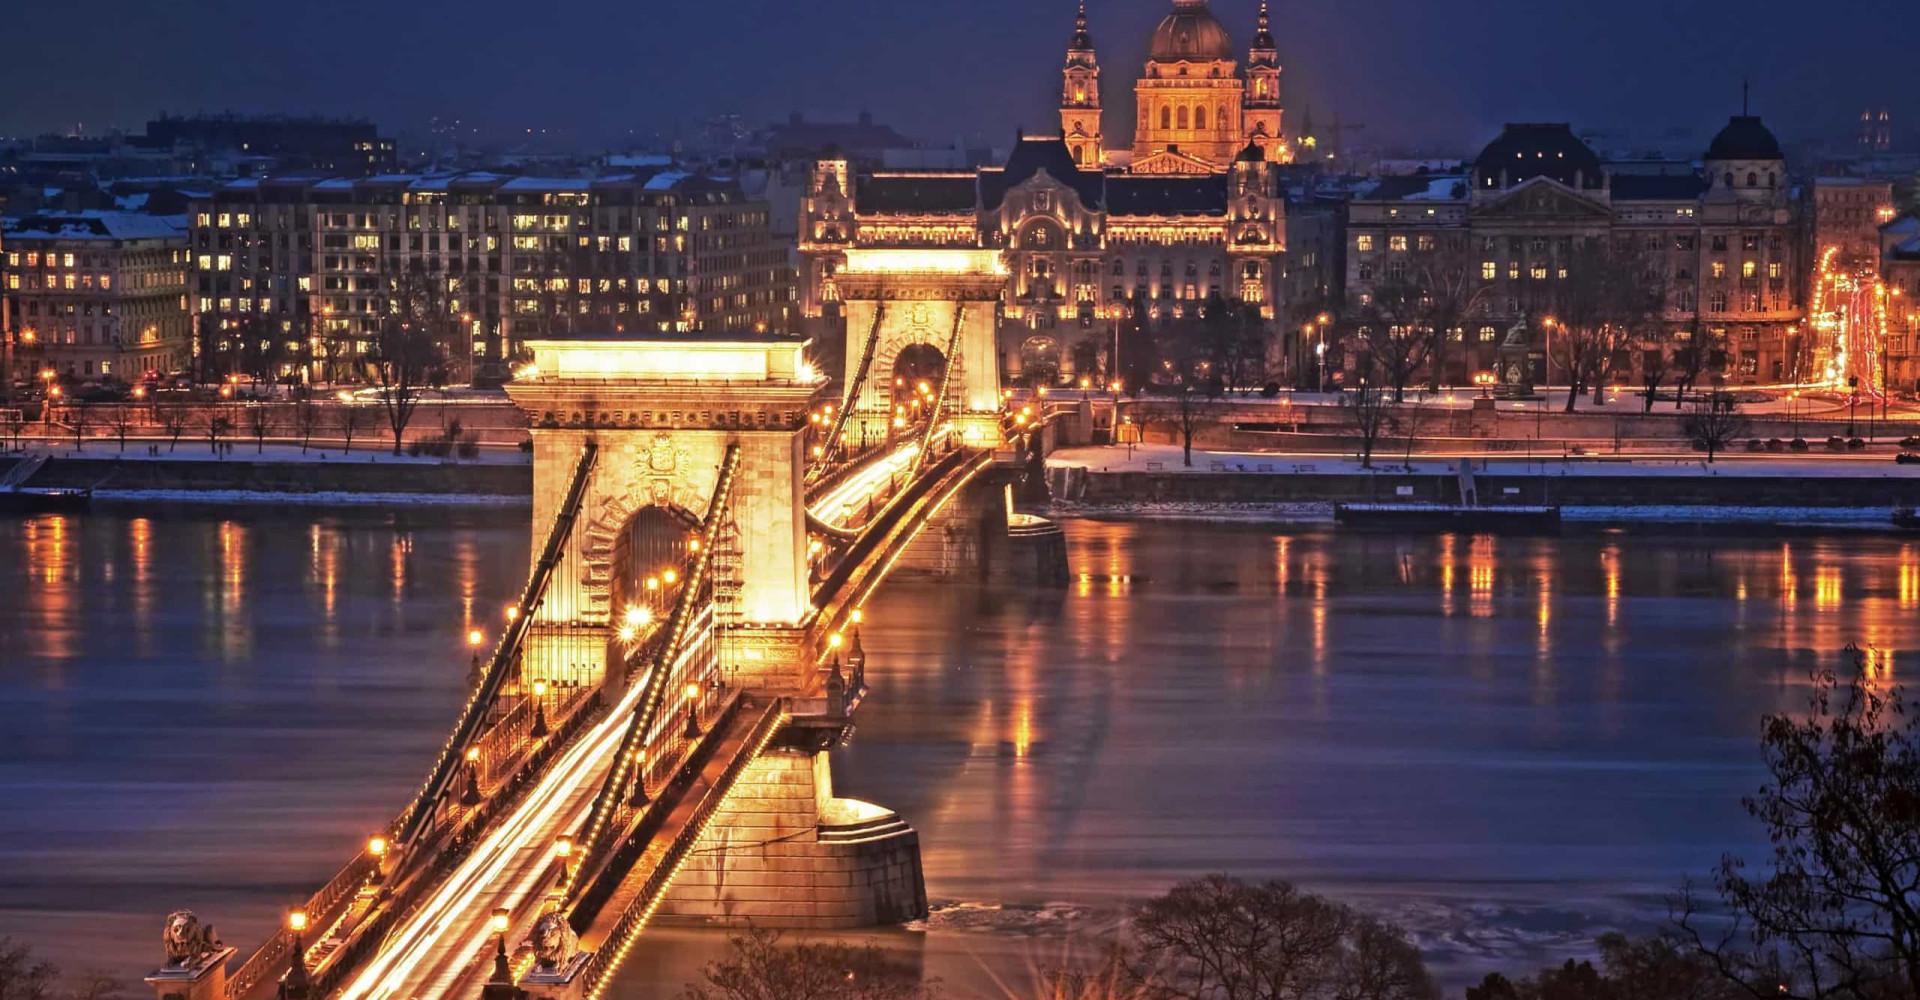 Yökyöpeleille: parhaat kaupungit tutkittavaksi pimeän laskeuduttua